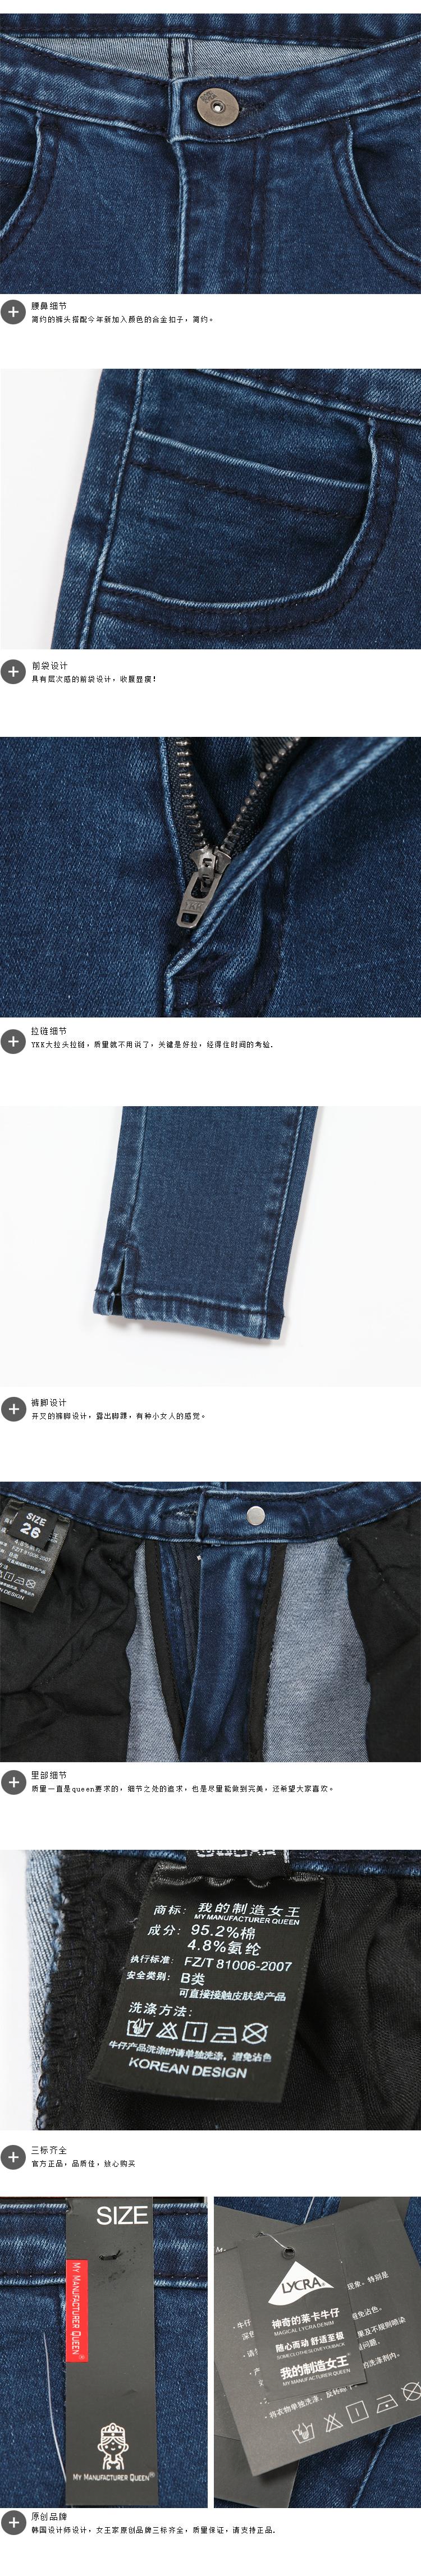 裤子细节爱潮_04